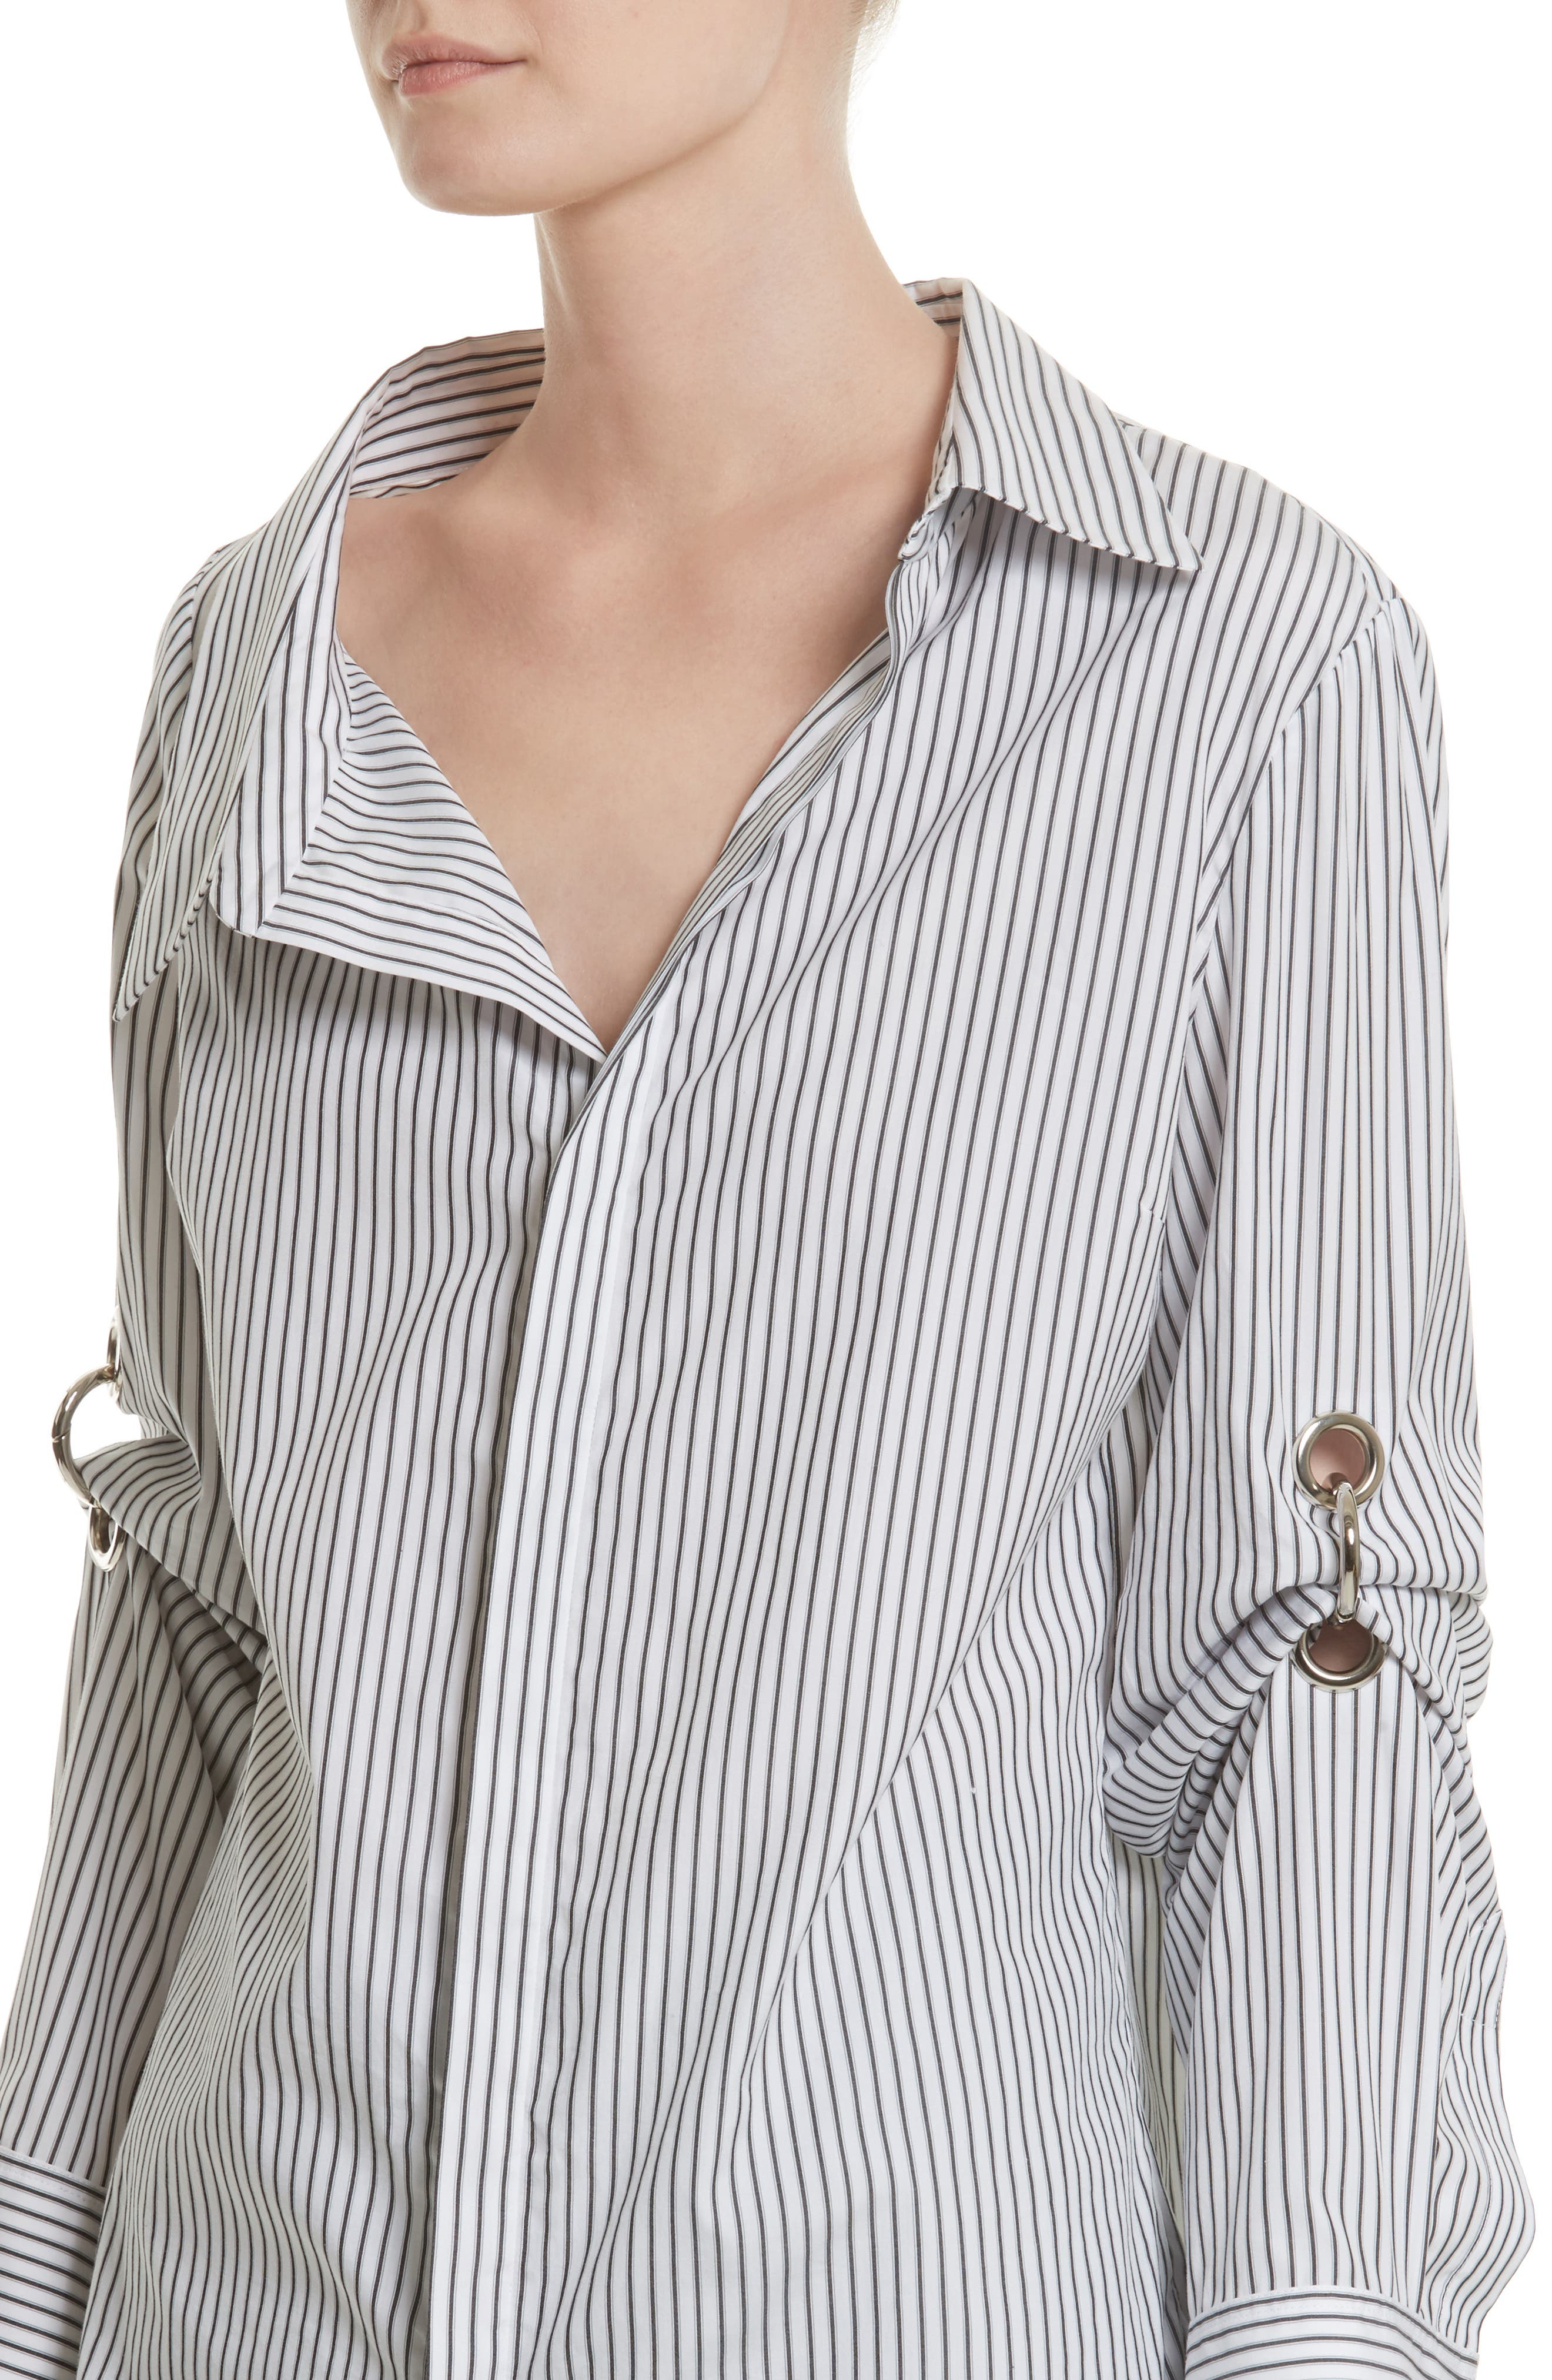 Grommet Scrunch Sleeve Shirt,                             Alternate thumbnail 4, color,                             Blue/ White